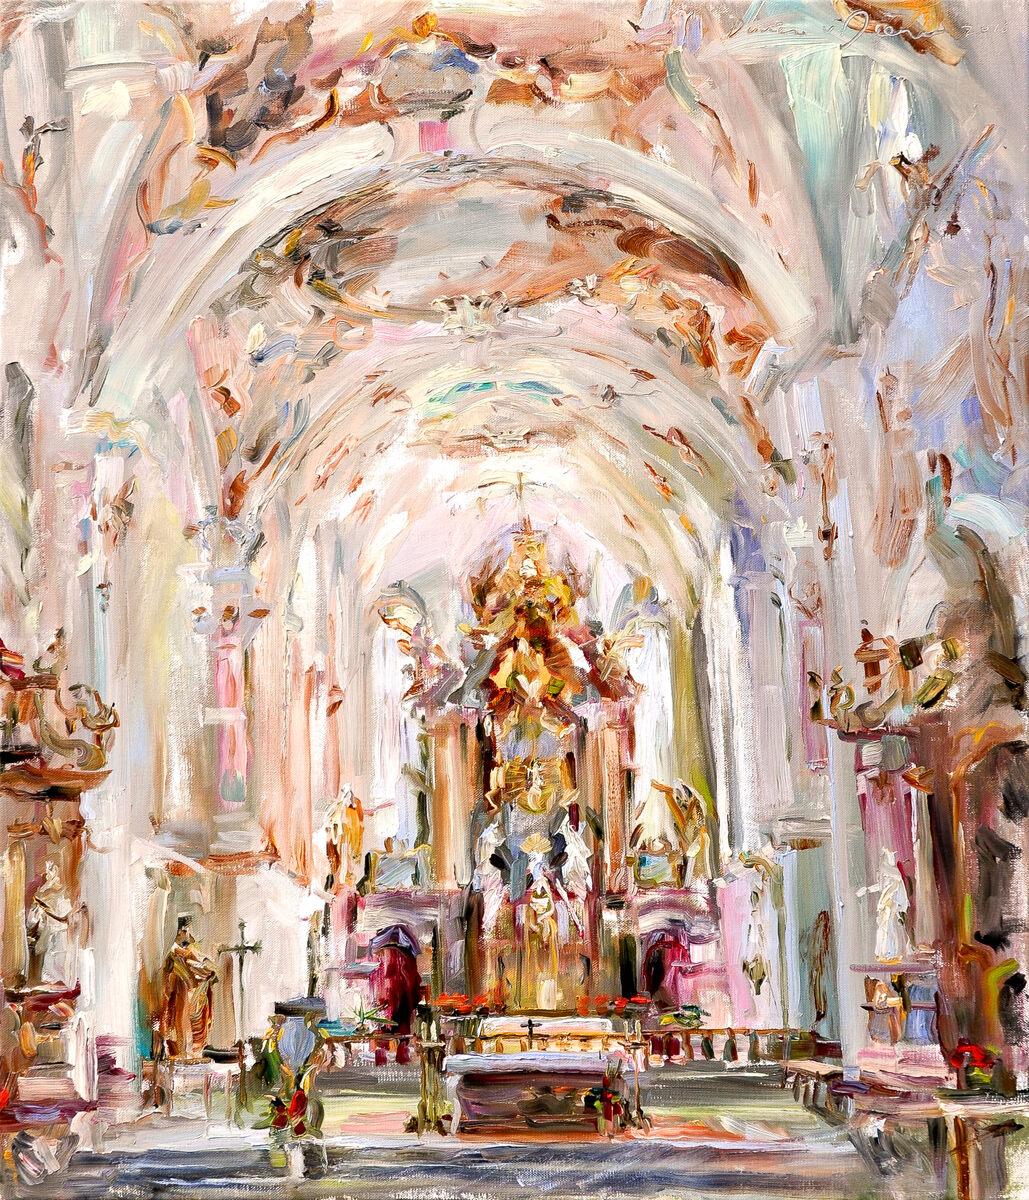 Dorien van Diemen, 'Rottenbucher Kirche' , Rottenbucher Kirche, Germany 70 x 60 cm.